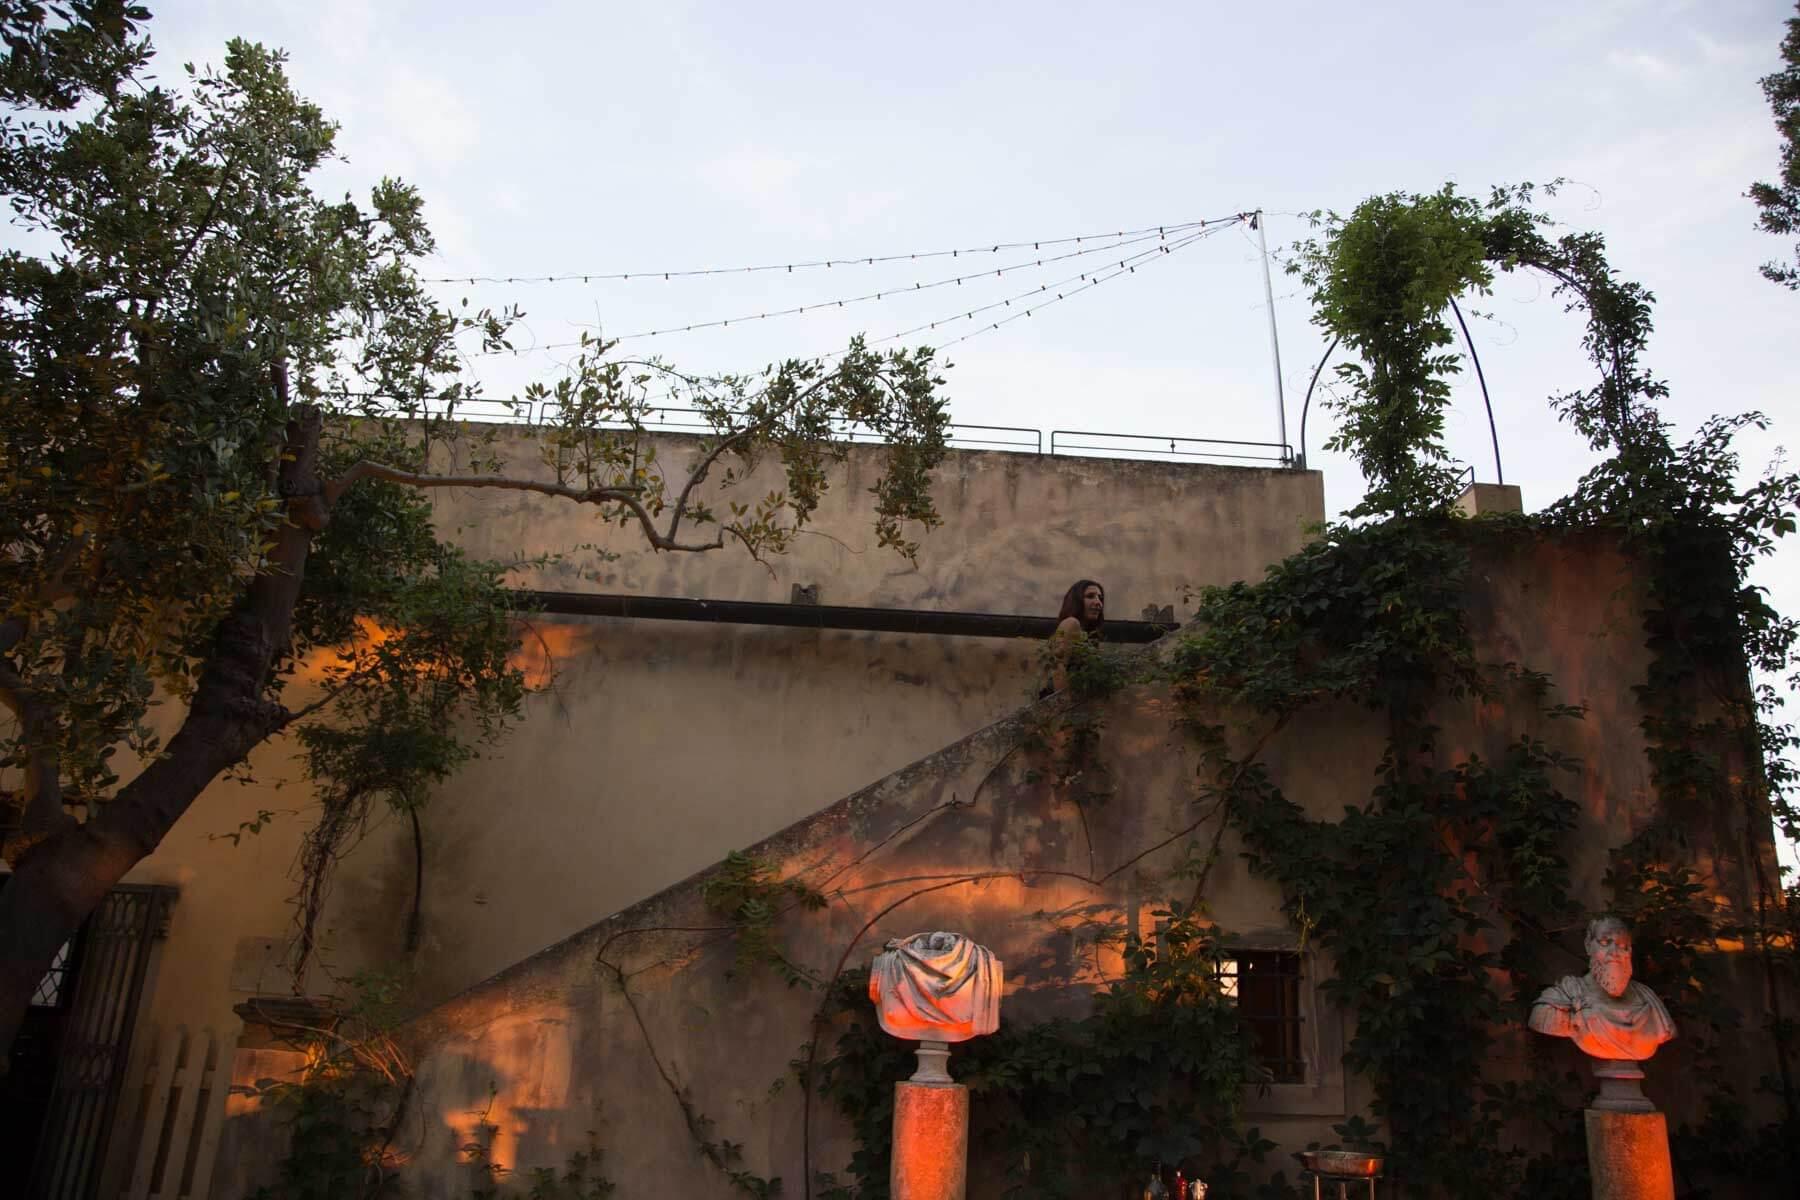 Servizio di assistenza degli ospiti per hotel e transferimento in tutta la Toscana. Giulia Alessandri Wedding Planner: progettazione e coordinazione matrimoni in Toscana.